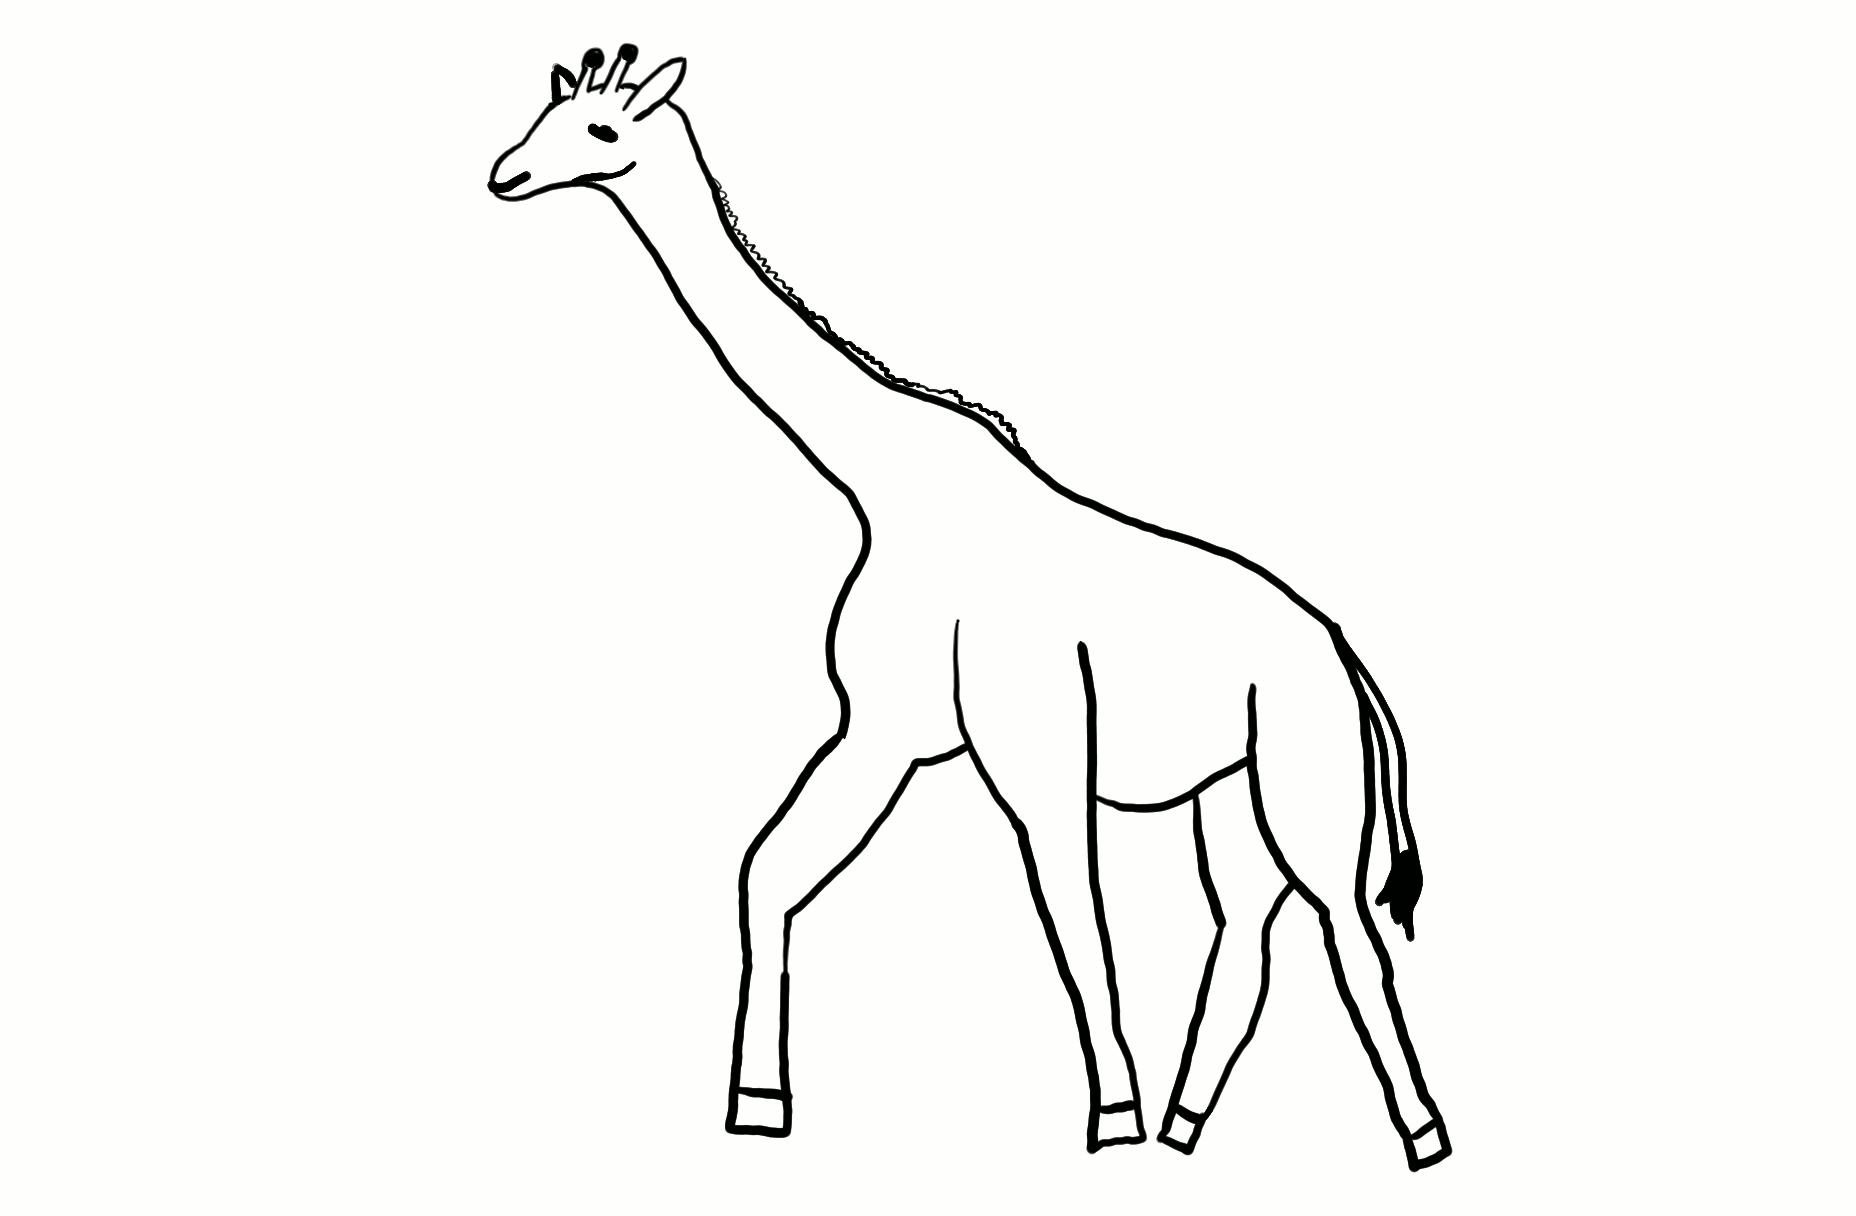 Giraffe Outline.